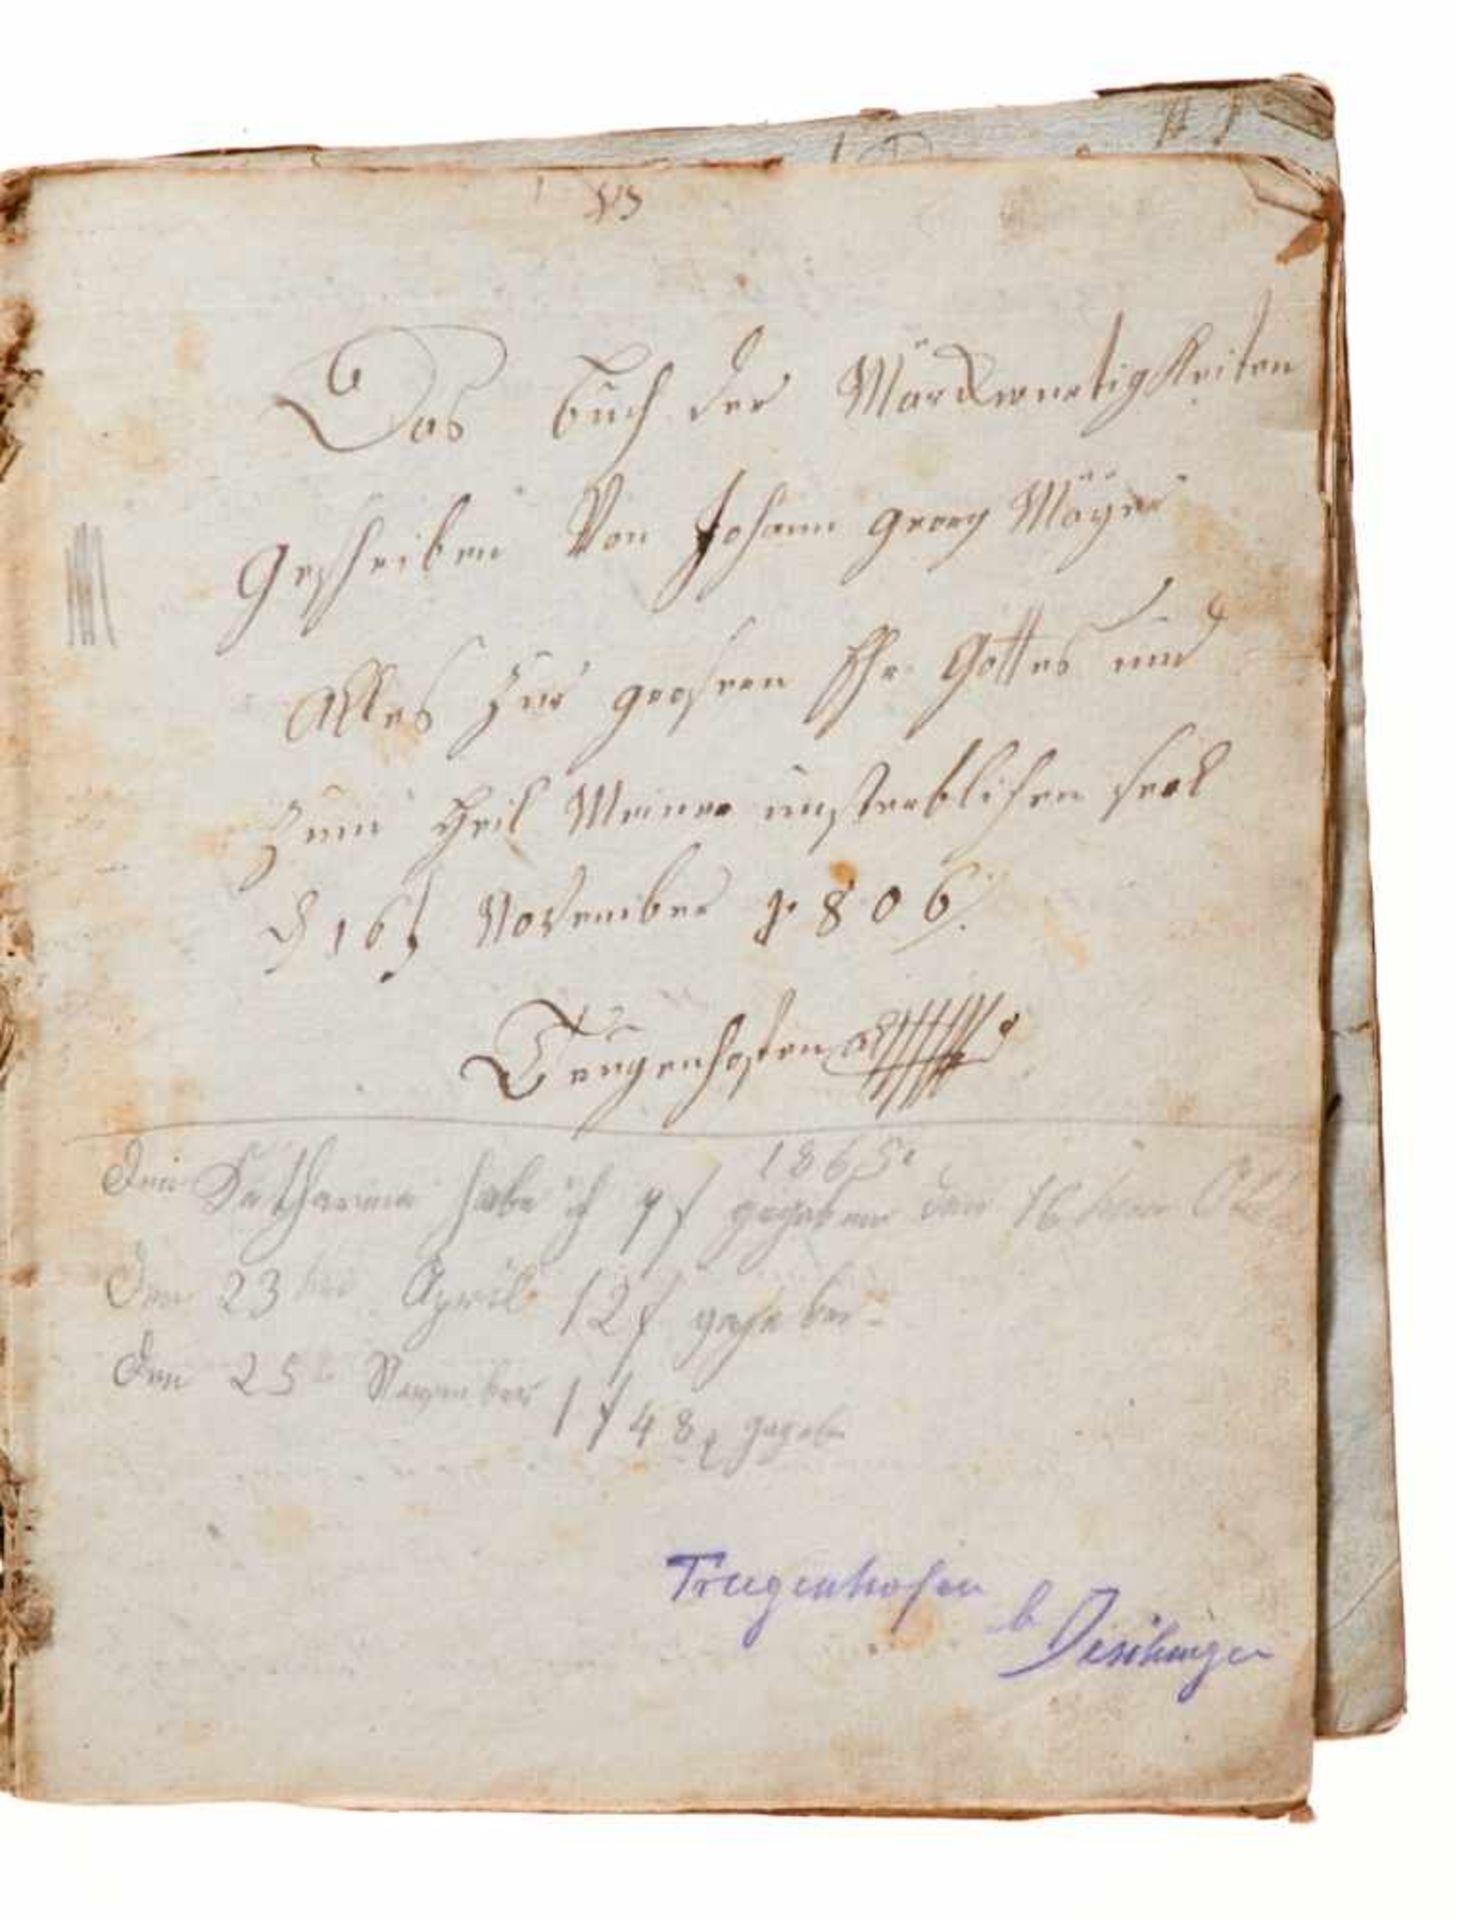 """Trugenhofen- """"Das Buch der Märckwurtigkeiten"""". Deutsche Handschrift auf Papier.Dat. Trugenhofen ( - Bild 2 aus 4"""